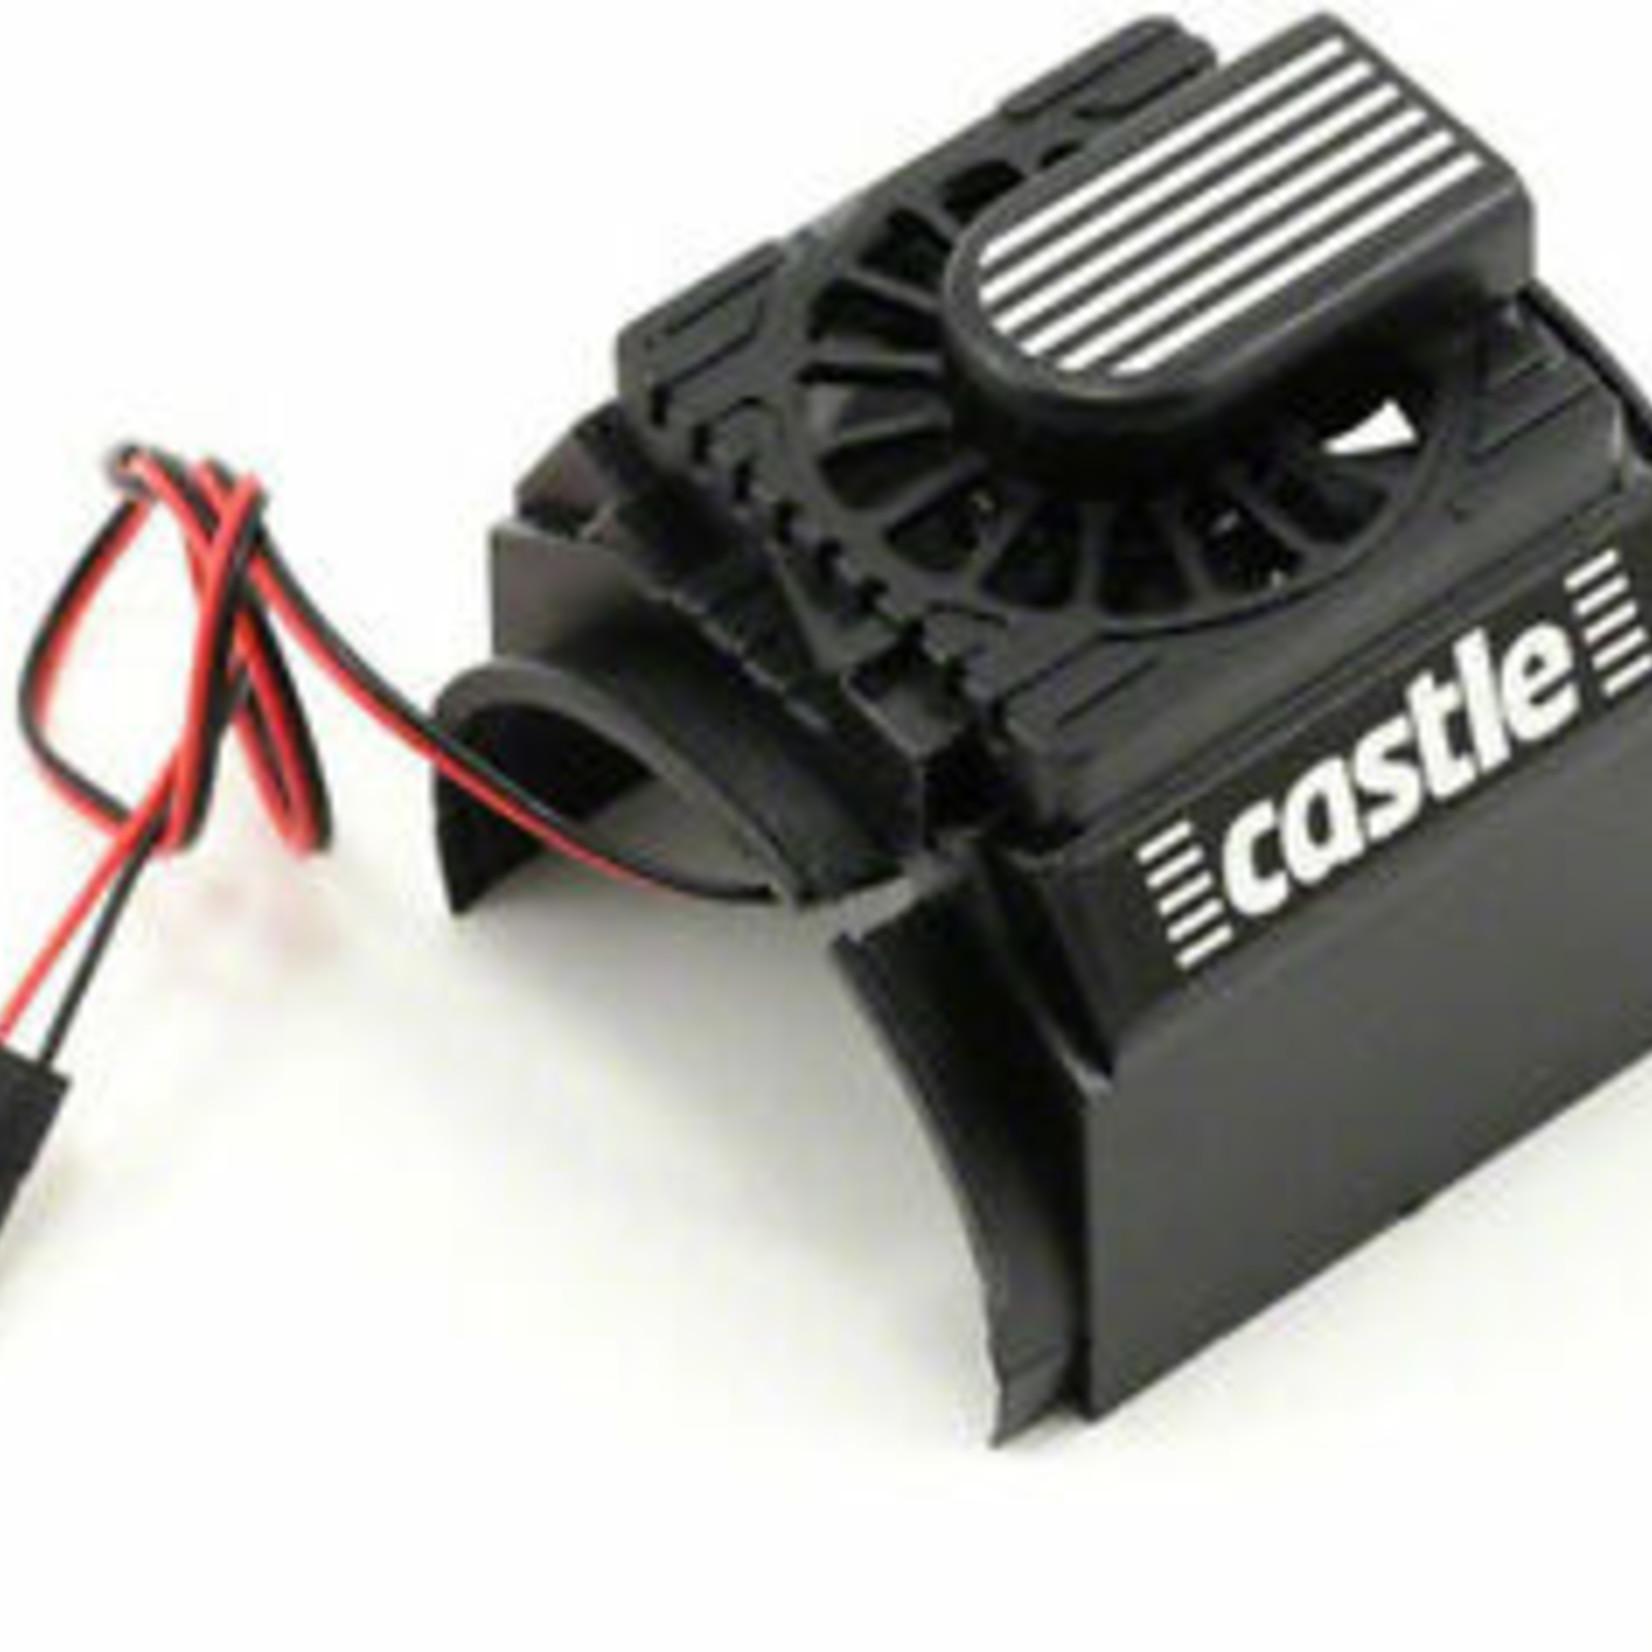 Castle Creations CSE011-0004-00 Castle Creations CC Blower 15 Series For 1/8 Motors